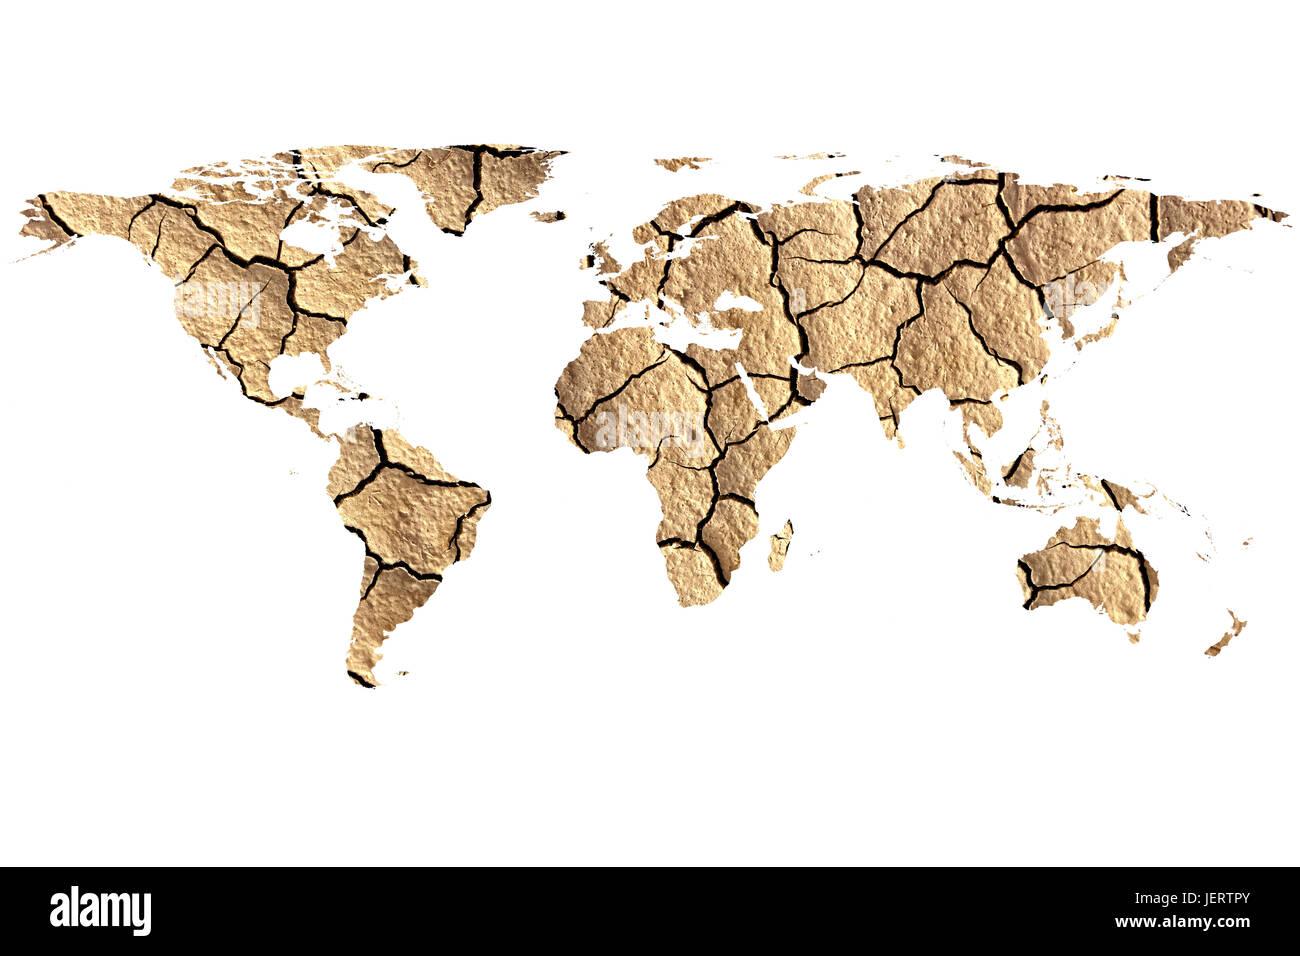 Immagine concettuale del paesaggio essiccato con mappa piatta del mondo, arredate NASA Mappa mondo immagine utilizzata Immagini Stock